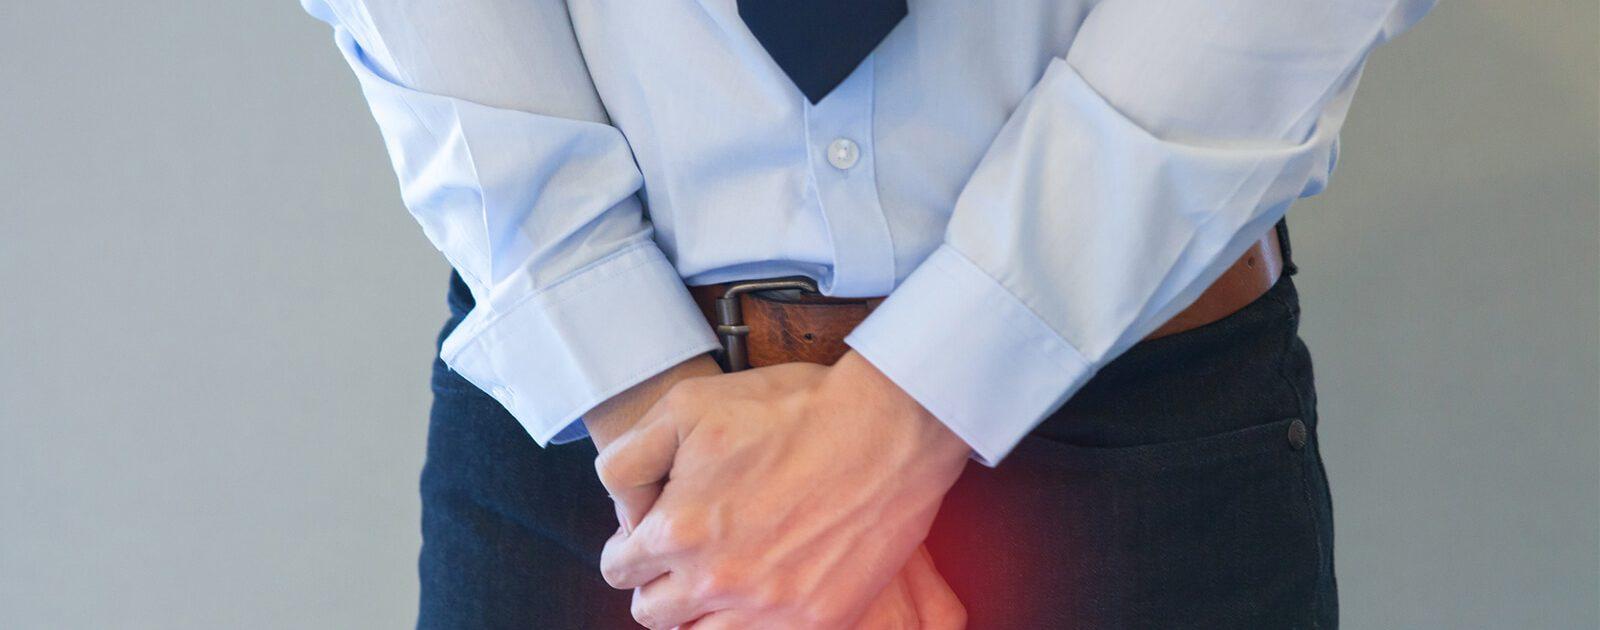 Mann drückt die Hände auf den Penis, da er eine schmerzhafte Harnröhrenentzündung hat.